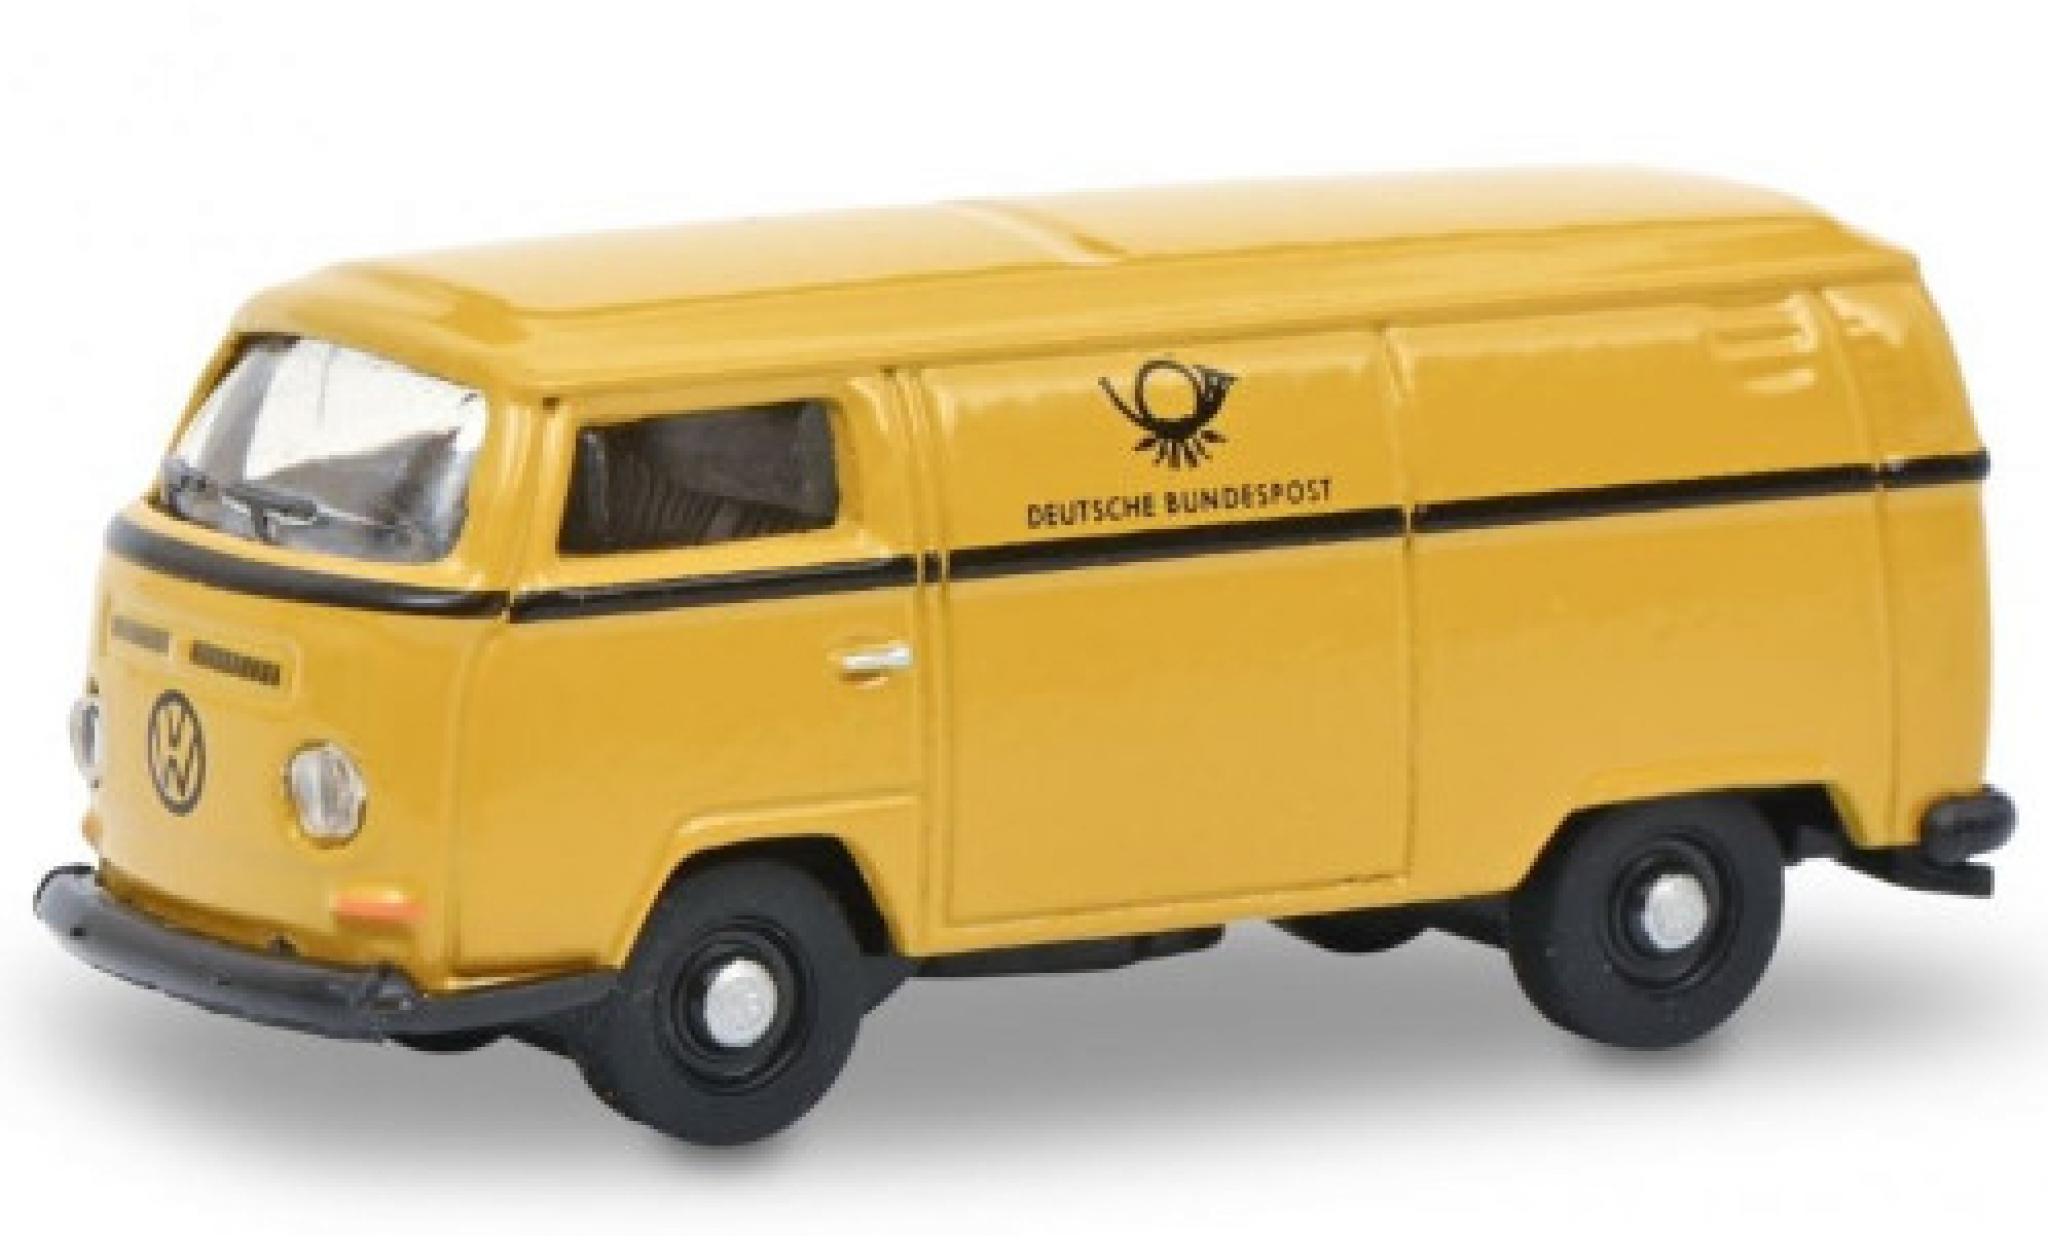 Volkswagen T2 1/87 Schuco a Kasten Deutsche Bundespost